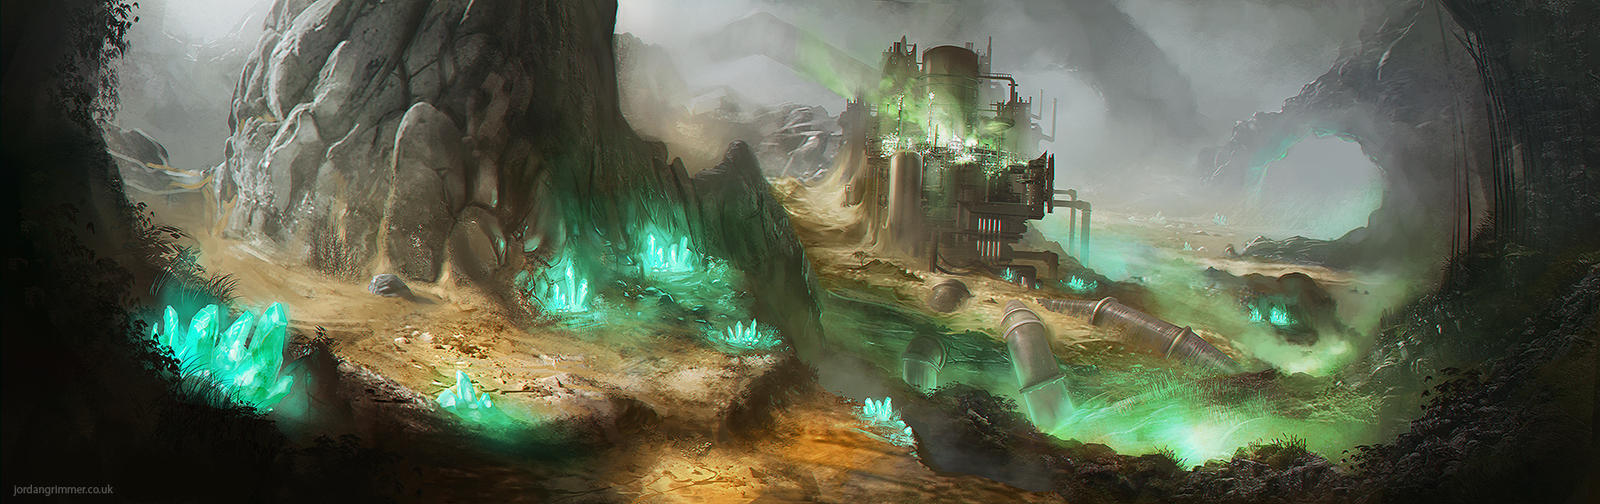 nibelheim_reactor_by_jordangrimmer-d6dxt02.jpg